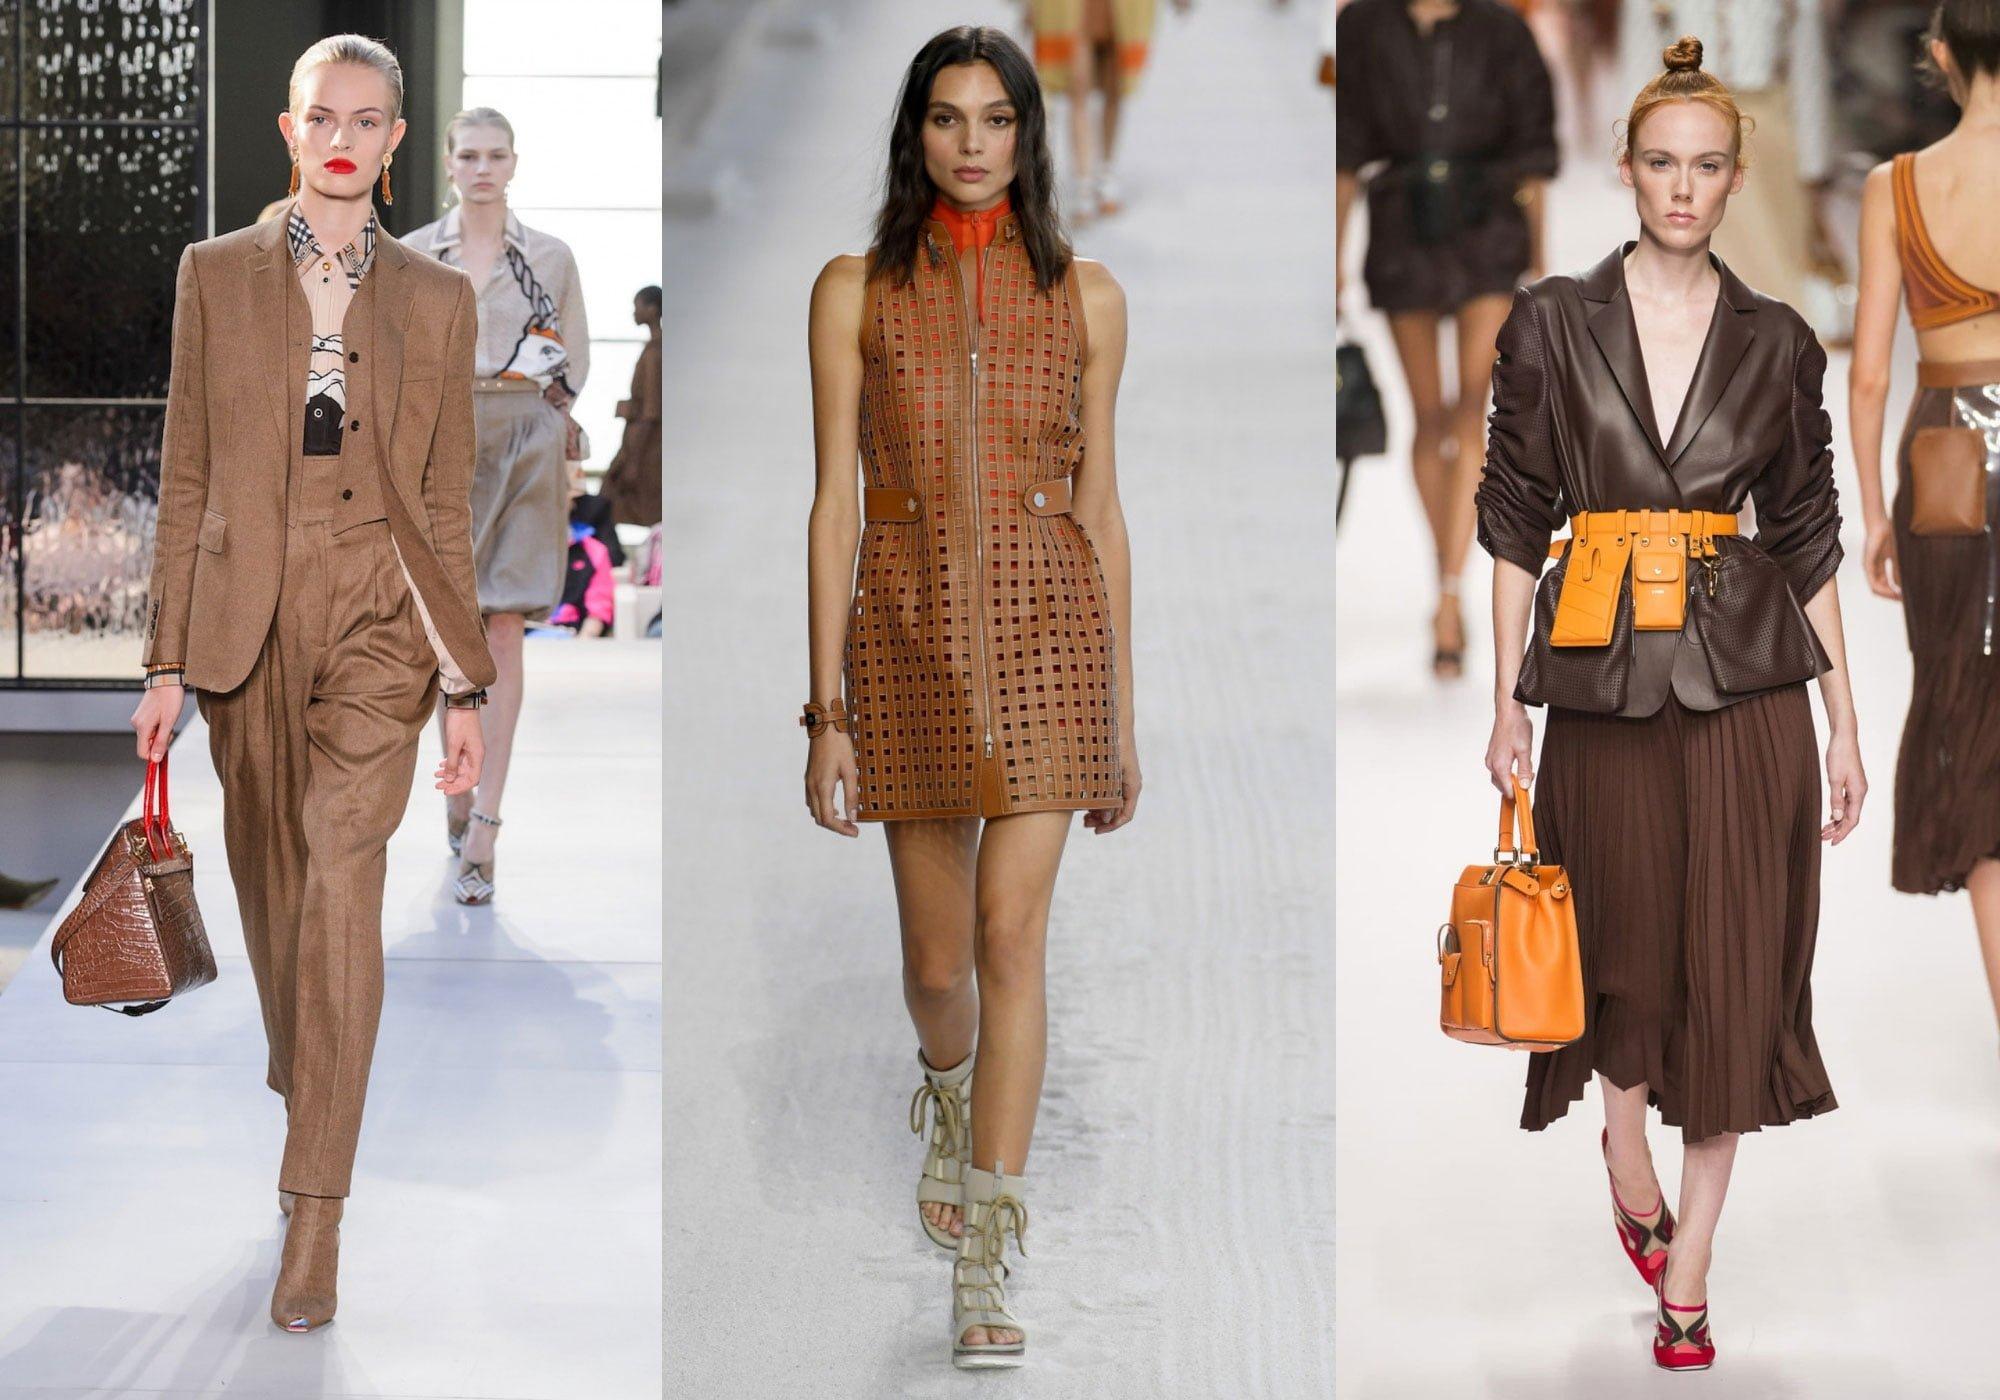 MÀU NÂU DẪN ĐẦU XU HƯỚNG THỜI TRANG 2020 - Leika.Vn Fashion